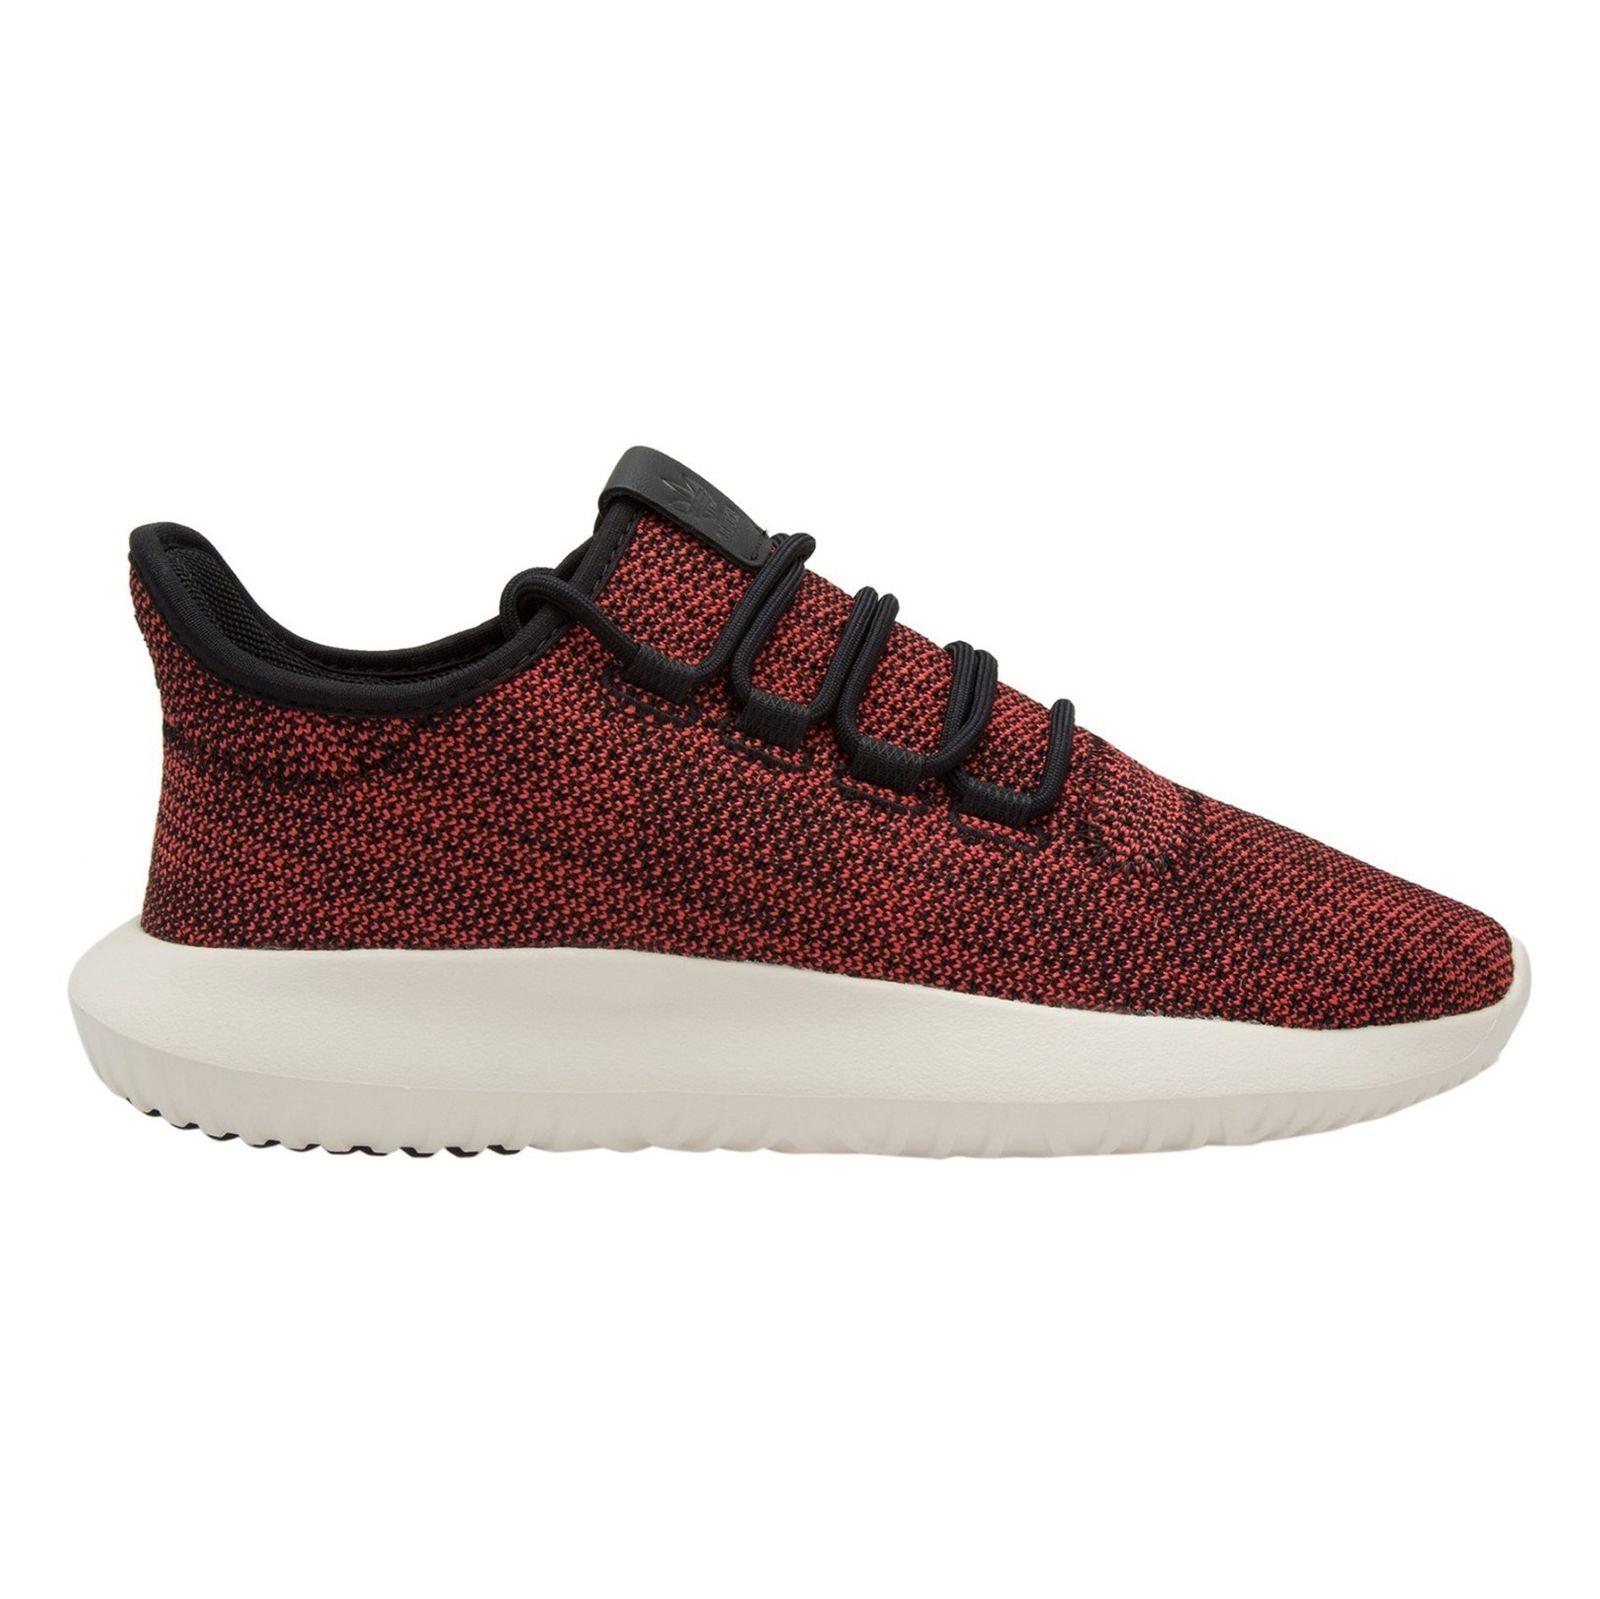 کفش مخصوص پیاده روی زنانه آدیداس مدل AC8791 - قرمز - 1